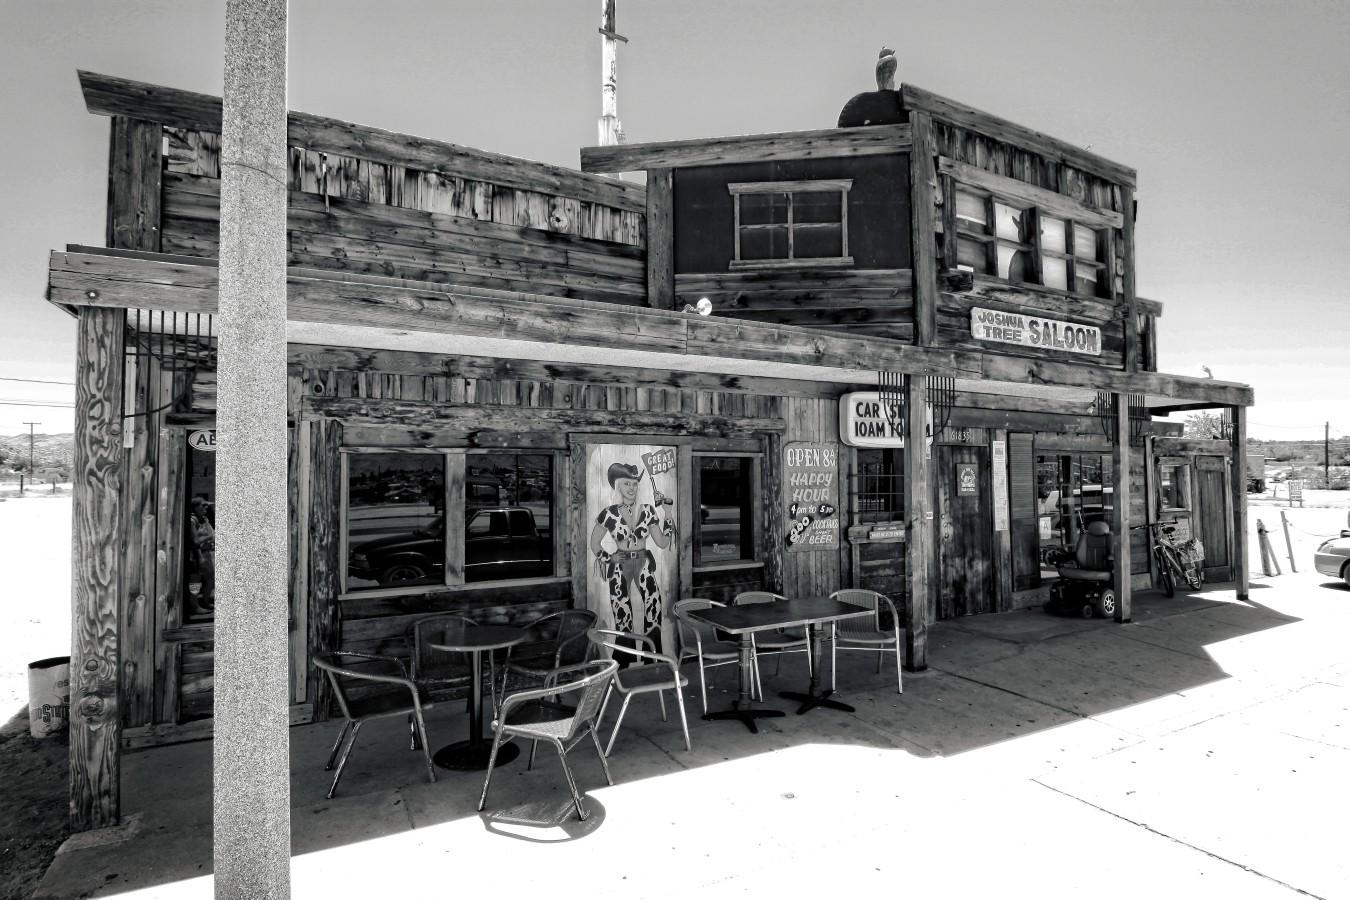 Die 4200 Einwohner-Gemeinde ist Heimat von u.a. Josh Homme, dem Frontmann der Band Queens of the Stone Age...